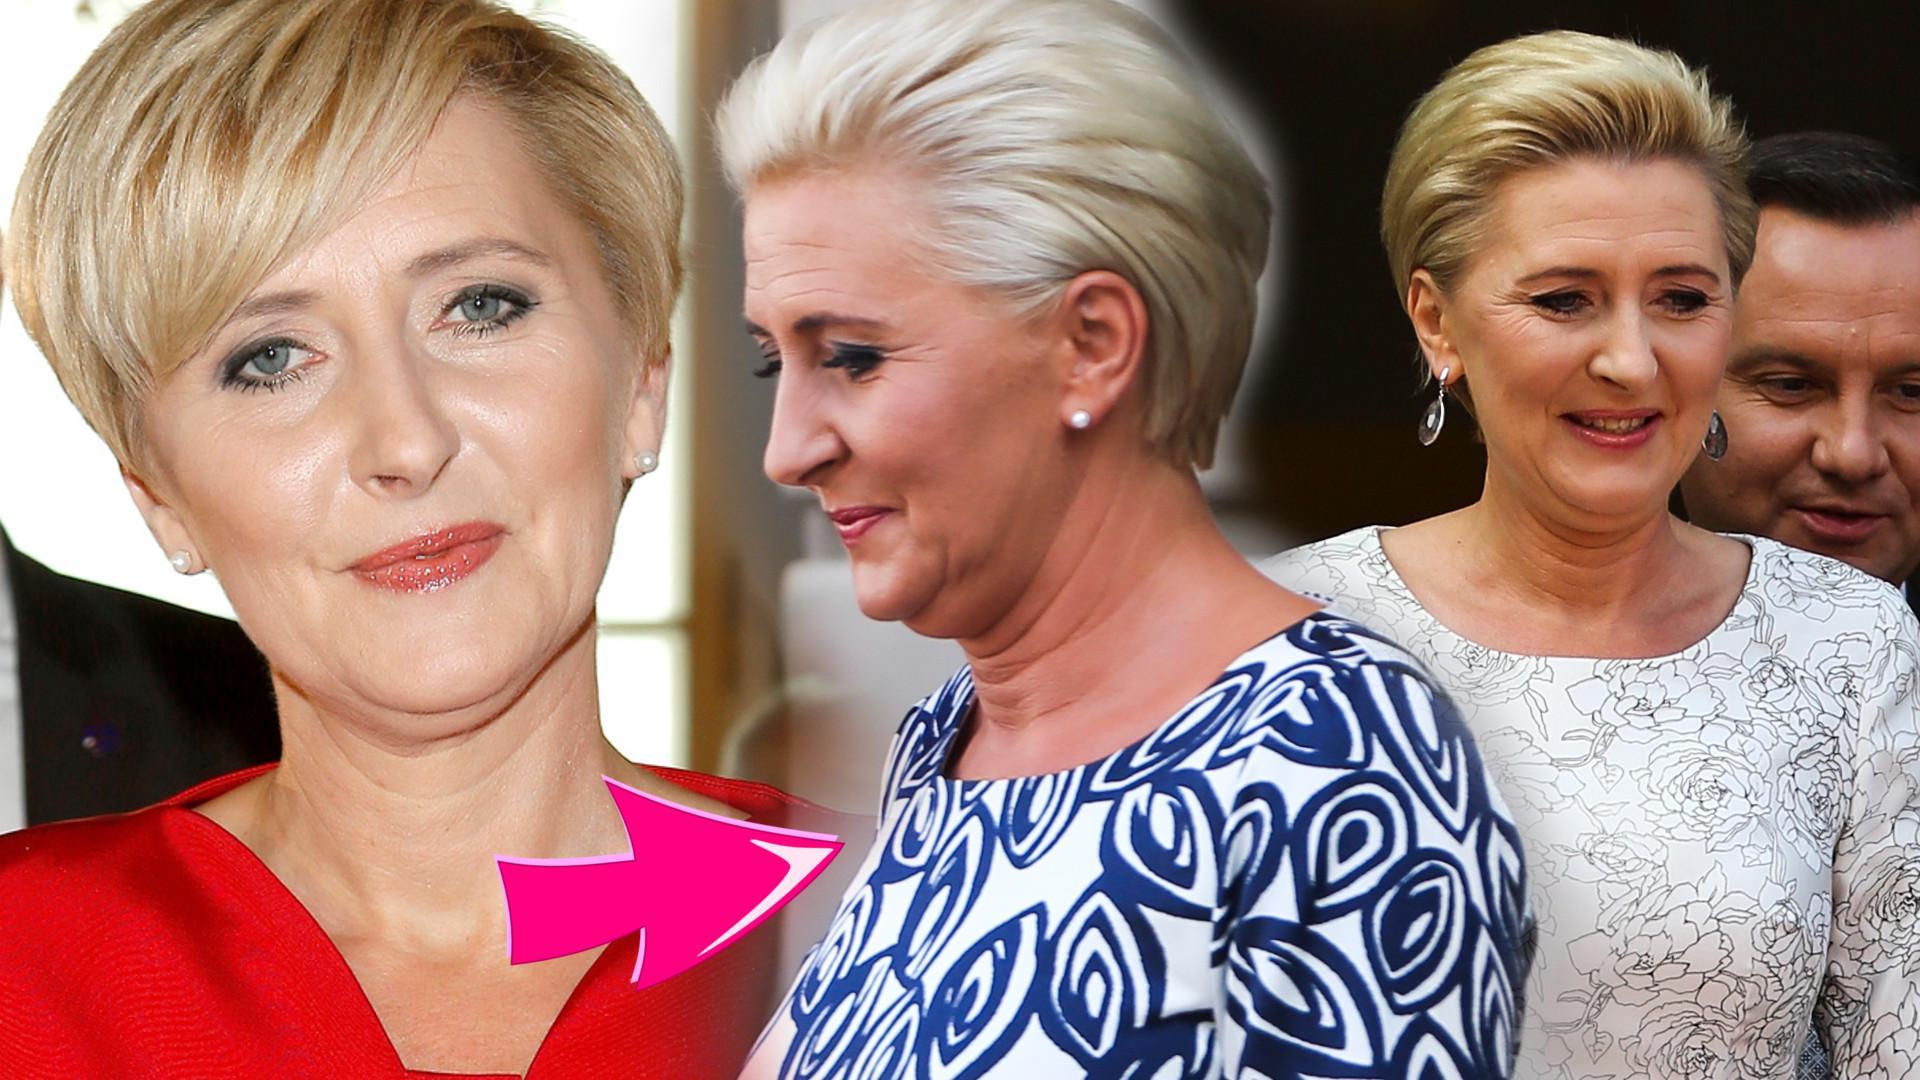 Agata Duda zmieniła fryzurę i wygląda pełniej na twarzy (ZDJĘCIA)